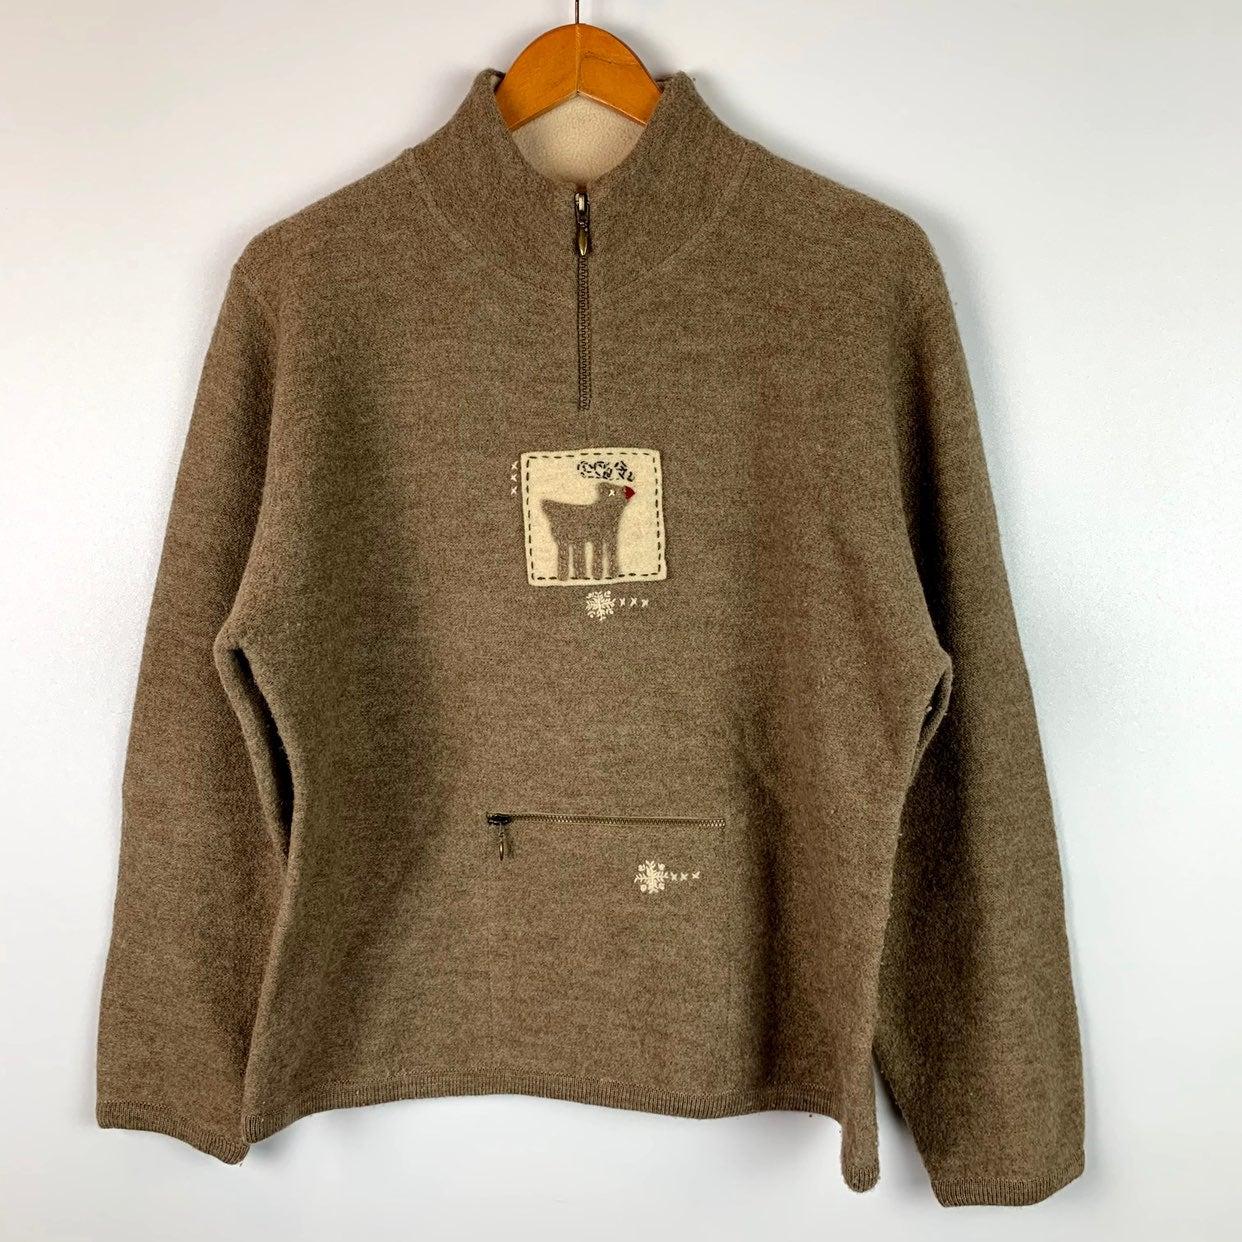 Woolrich Large 1/4 Zip Wool Sweater